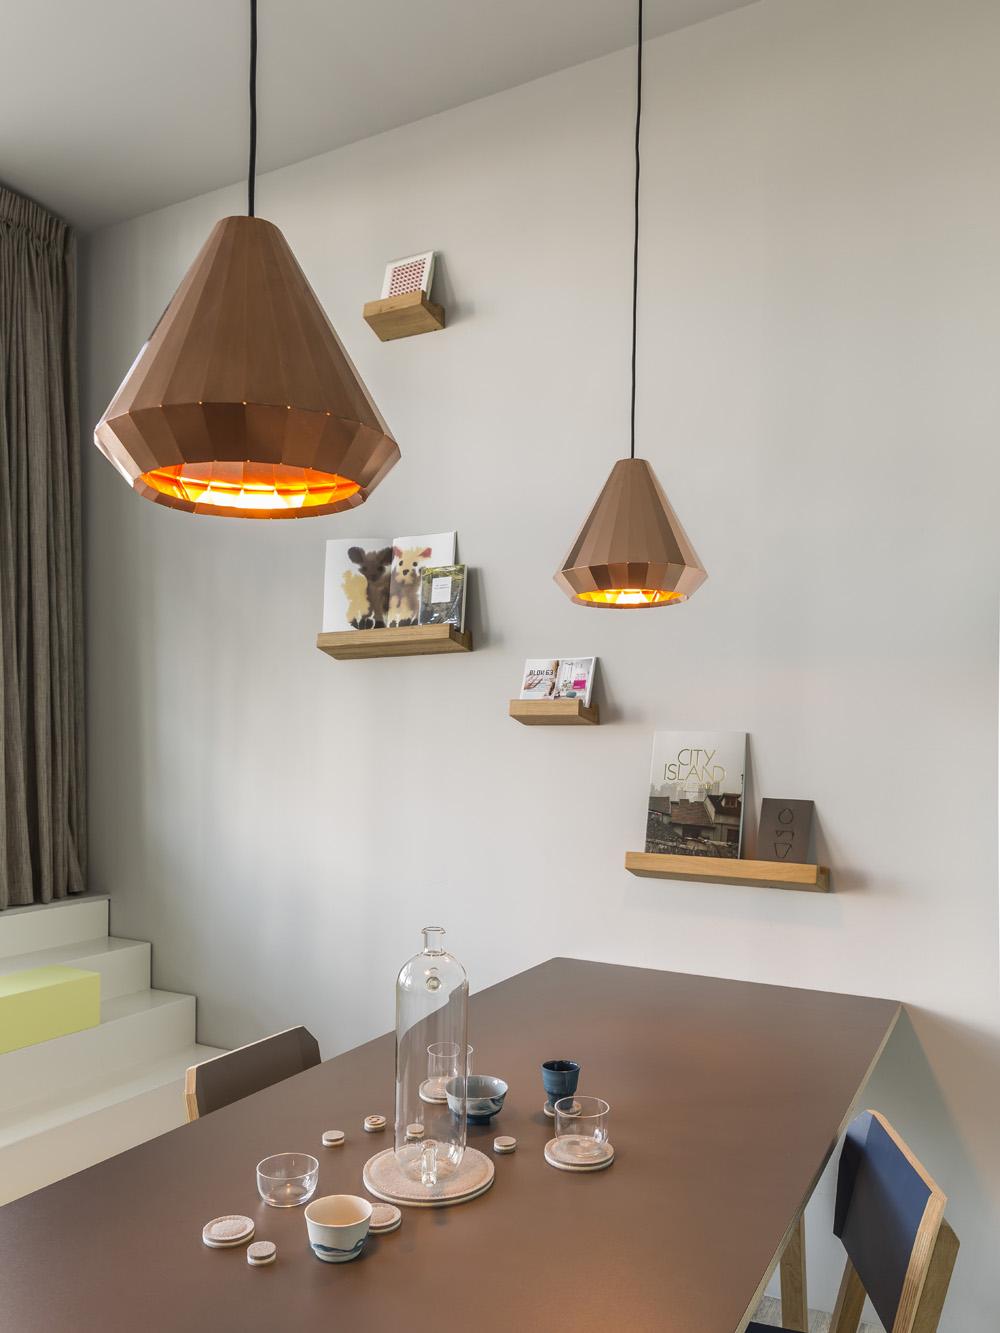 Vij5-Copper-Light-setting-image-by-Jeroen-van-der-Wielen RS.jpg